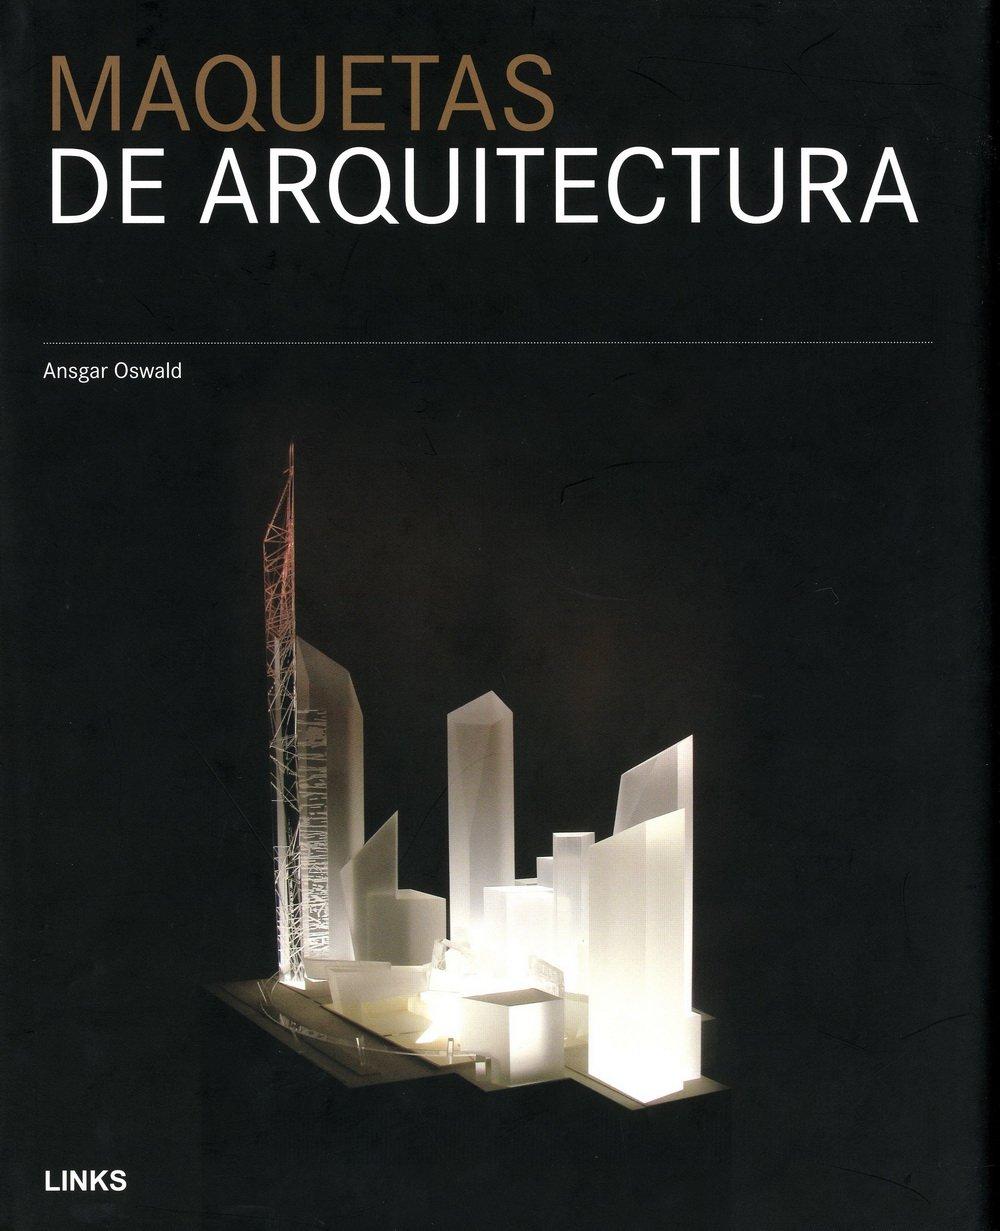 Maquetas de arquitectura: Ansgar Oswald: 9788496969025 ...